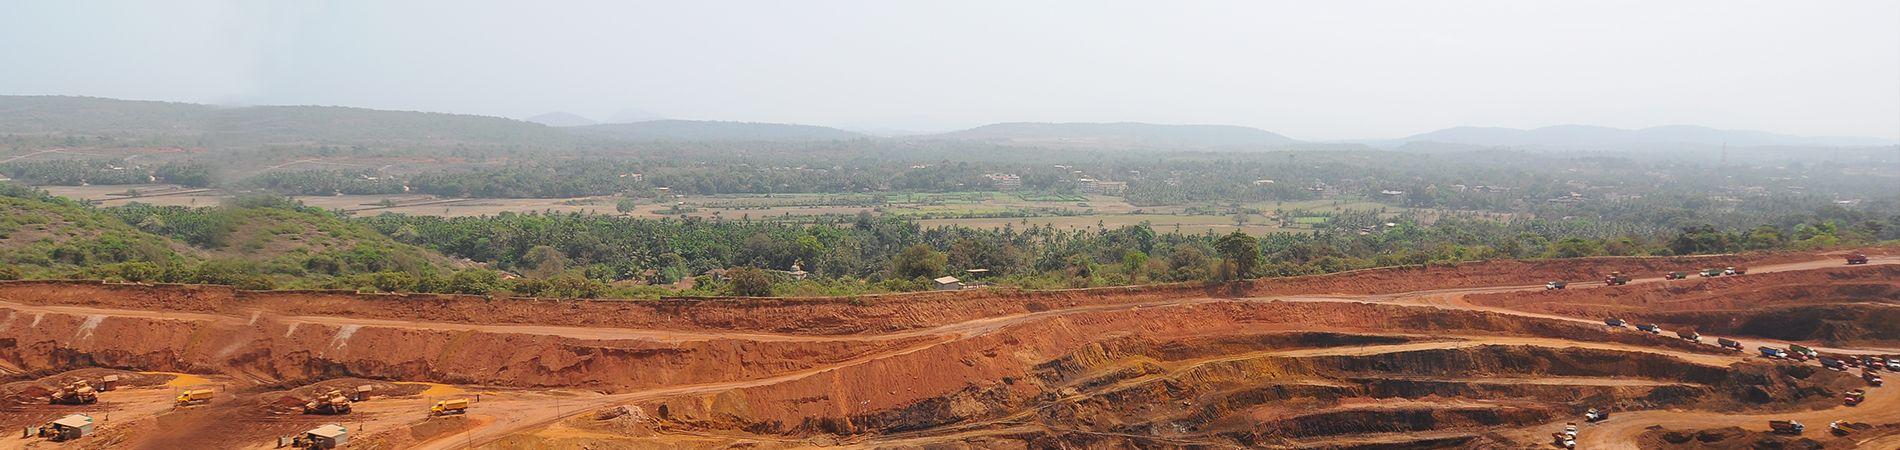 About Sesa Goa Iron Ore